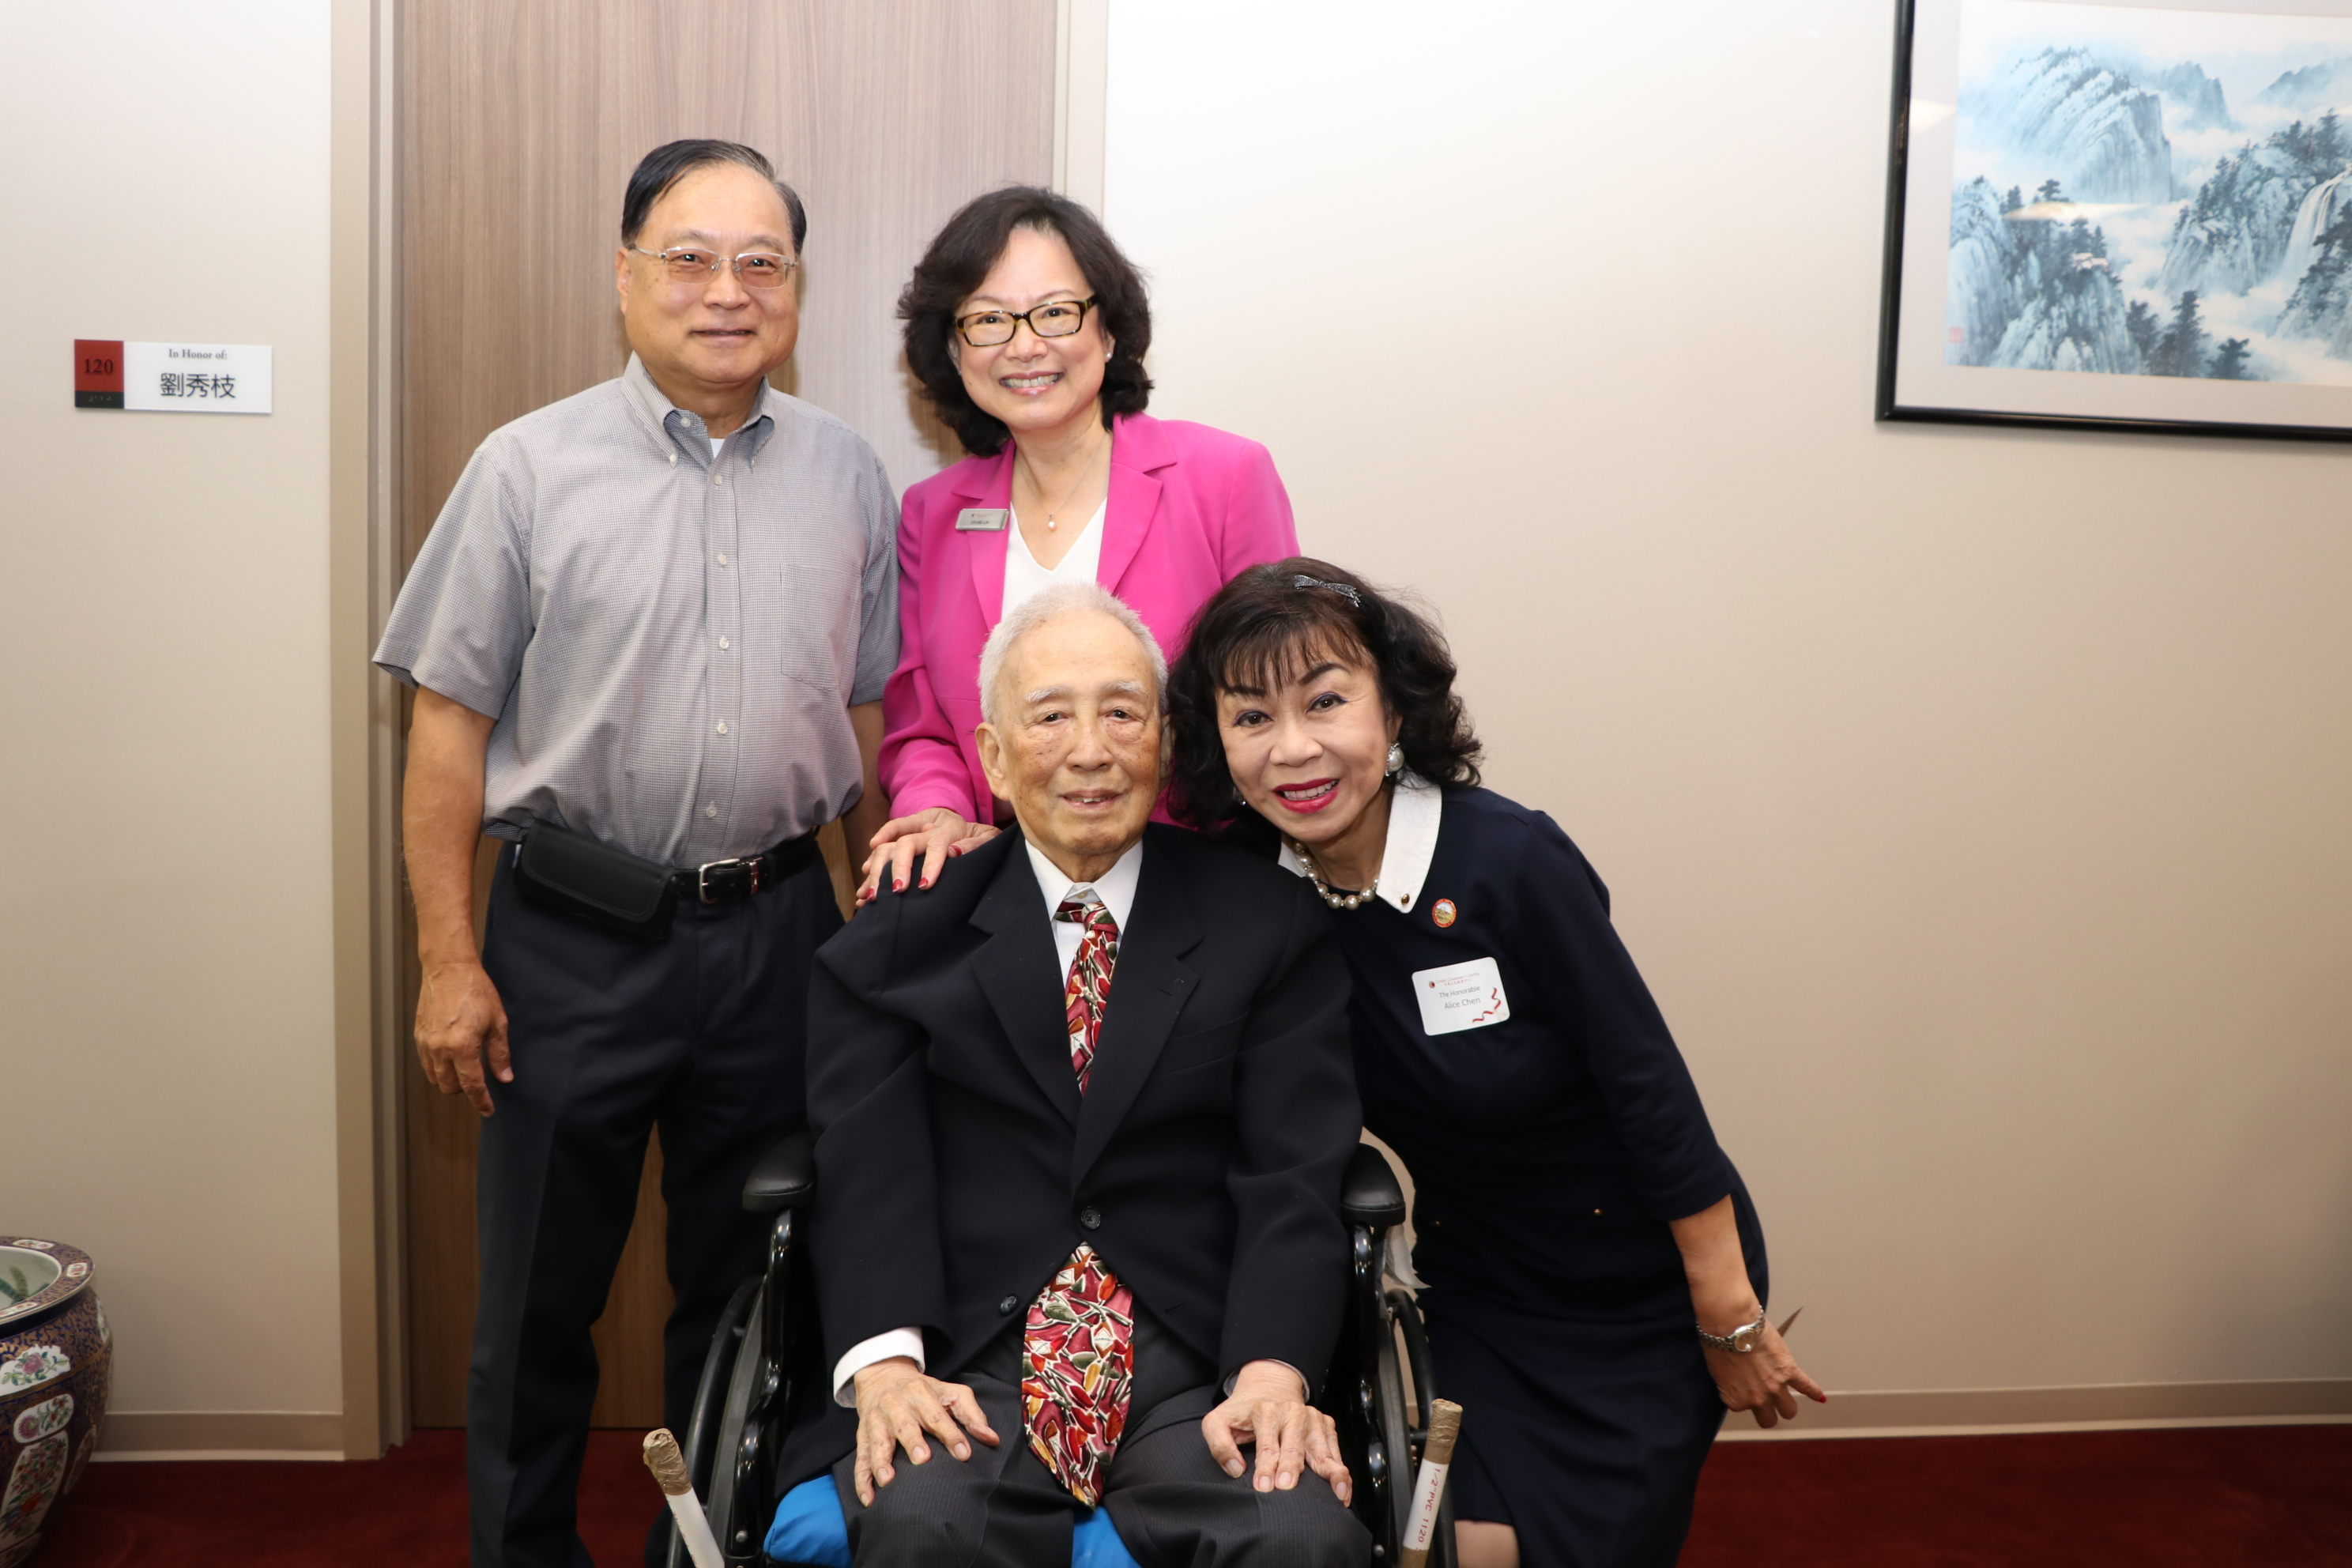 久未露面的何明通博士(前排左)與斯坦福市議員譚秋晴(前排右)、中華文化中心執行長華啟梅(後排右)、葉宏志合影。